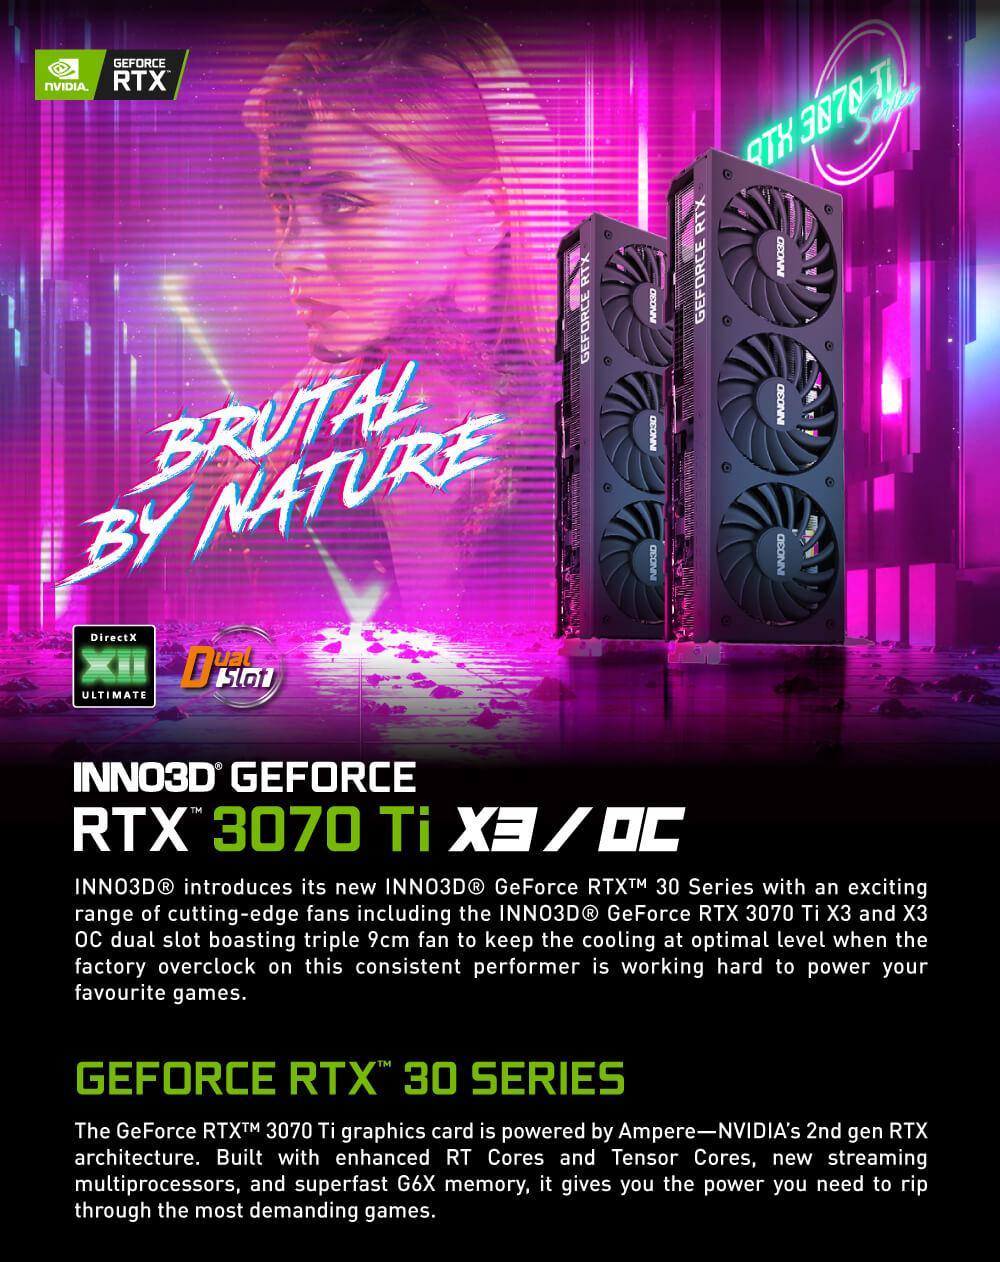 INNO3D GeForce RTX™ 3070 Ti X3 - 8GB GDDR6X